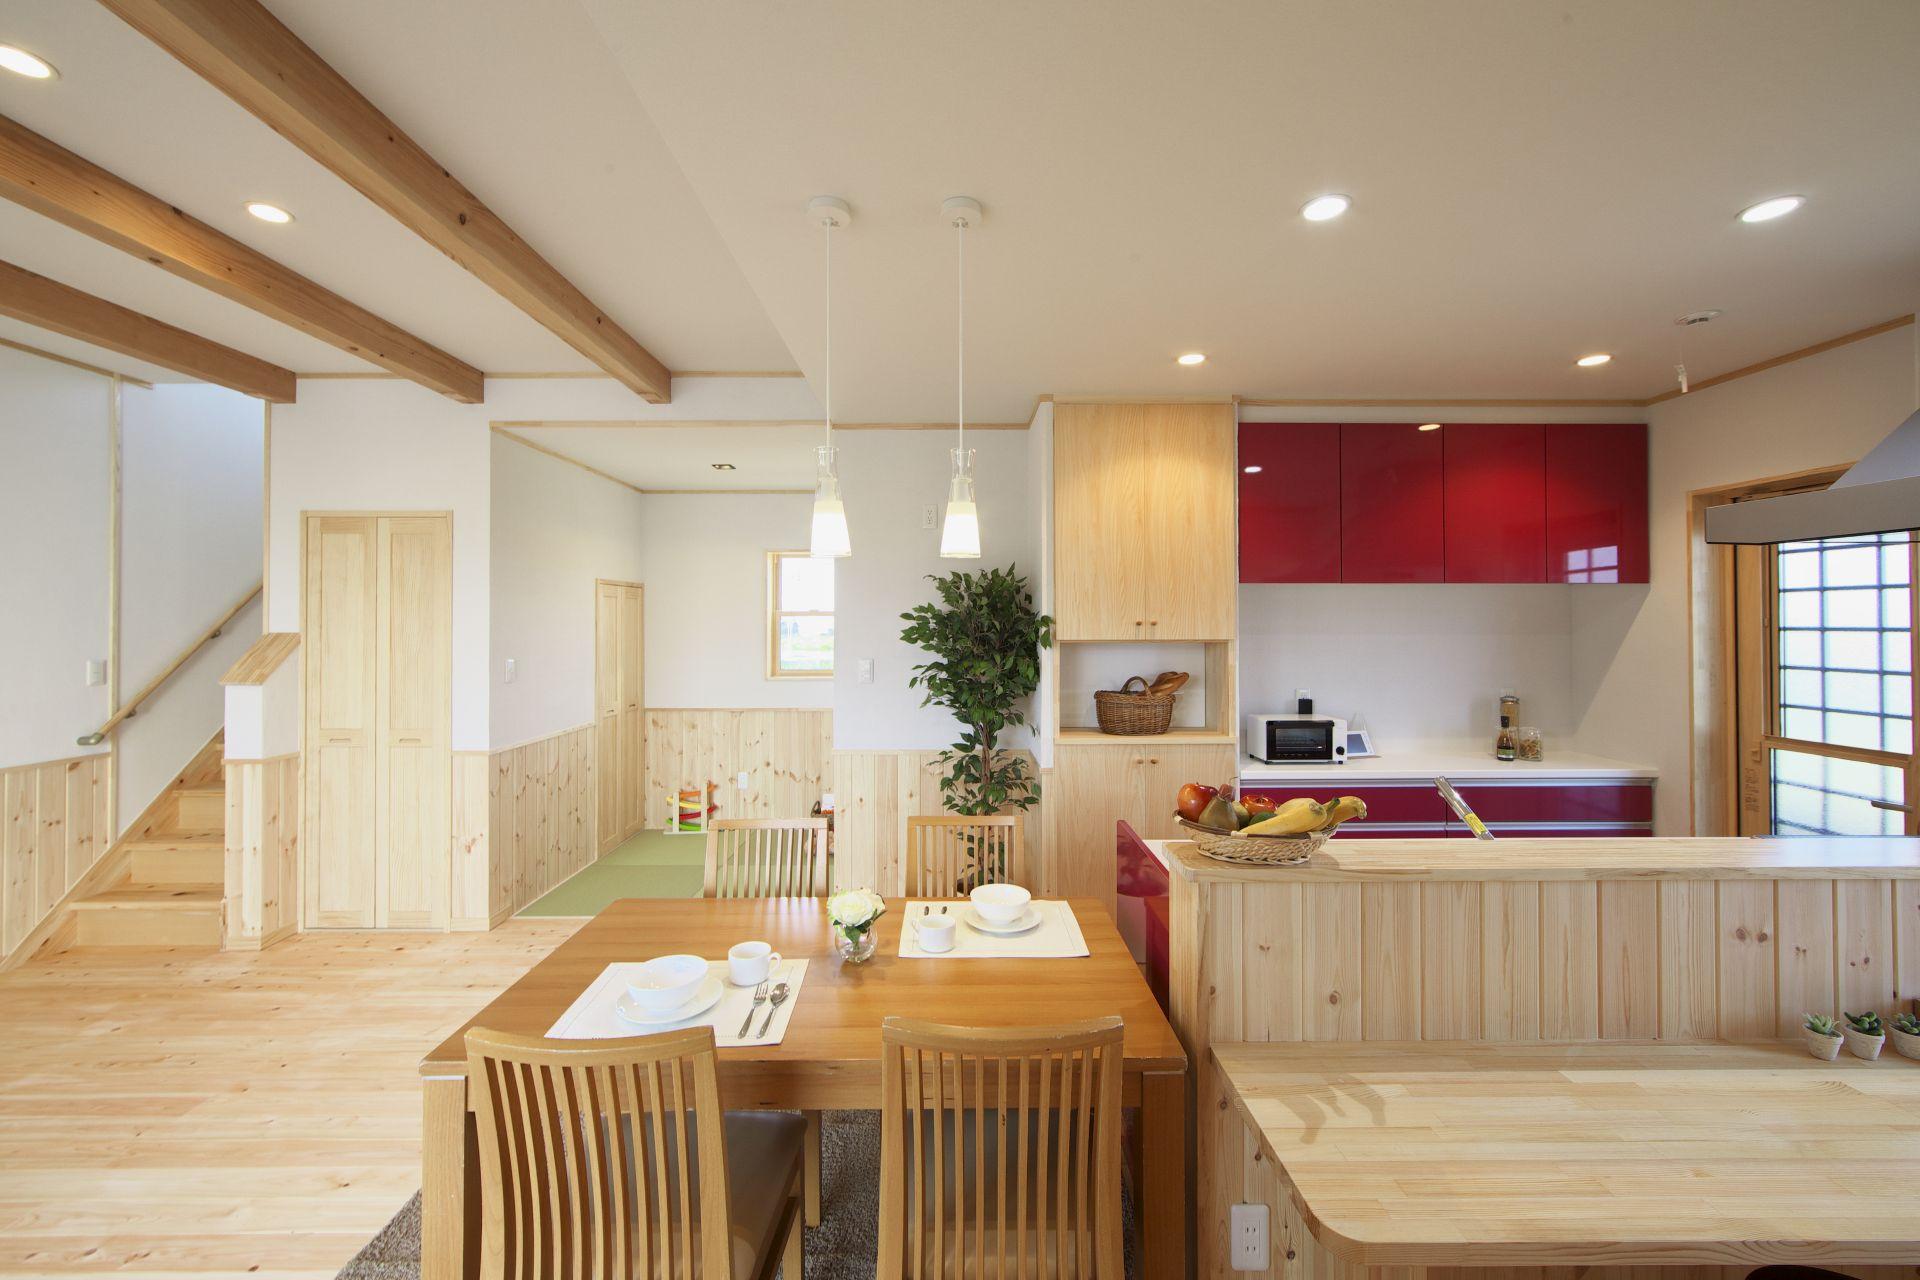 河合工務店【子育て、自然素材、間取り】LDKは化粧梁と赤いキッチンがアクセントになり、空間に彩を与えてくれている